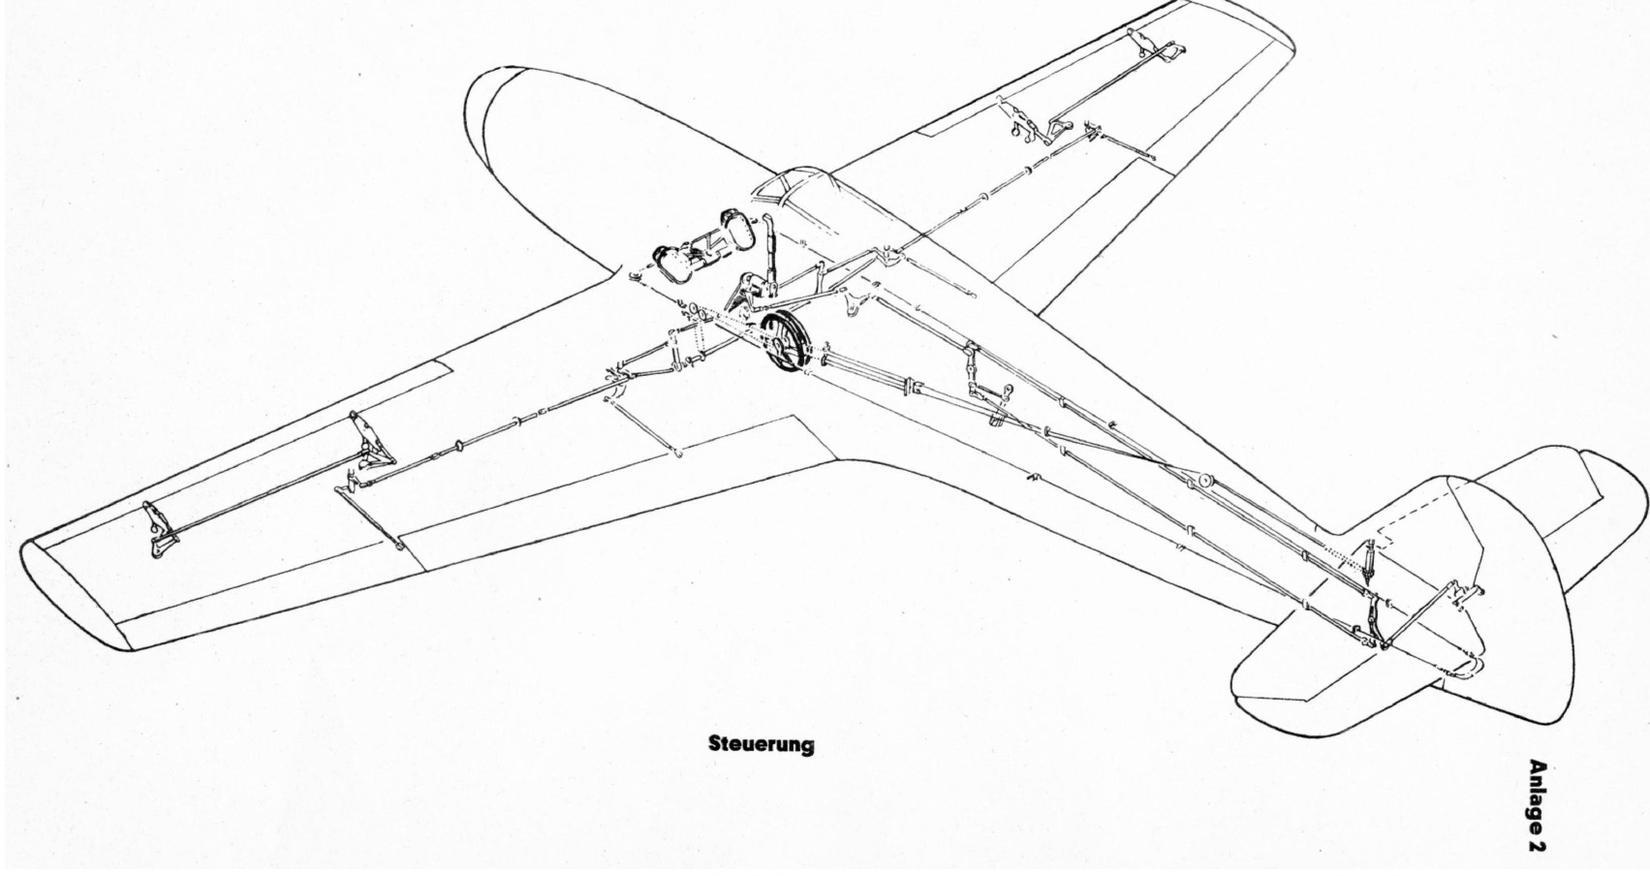 Bf 109 Leading Edge Slats